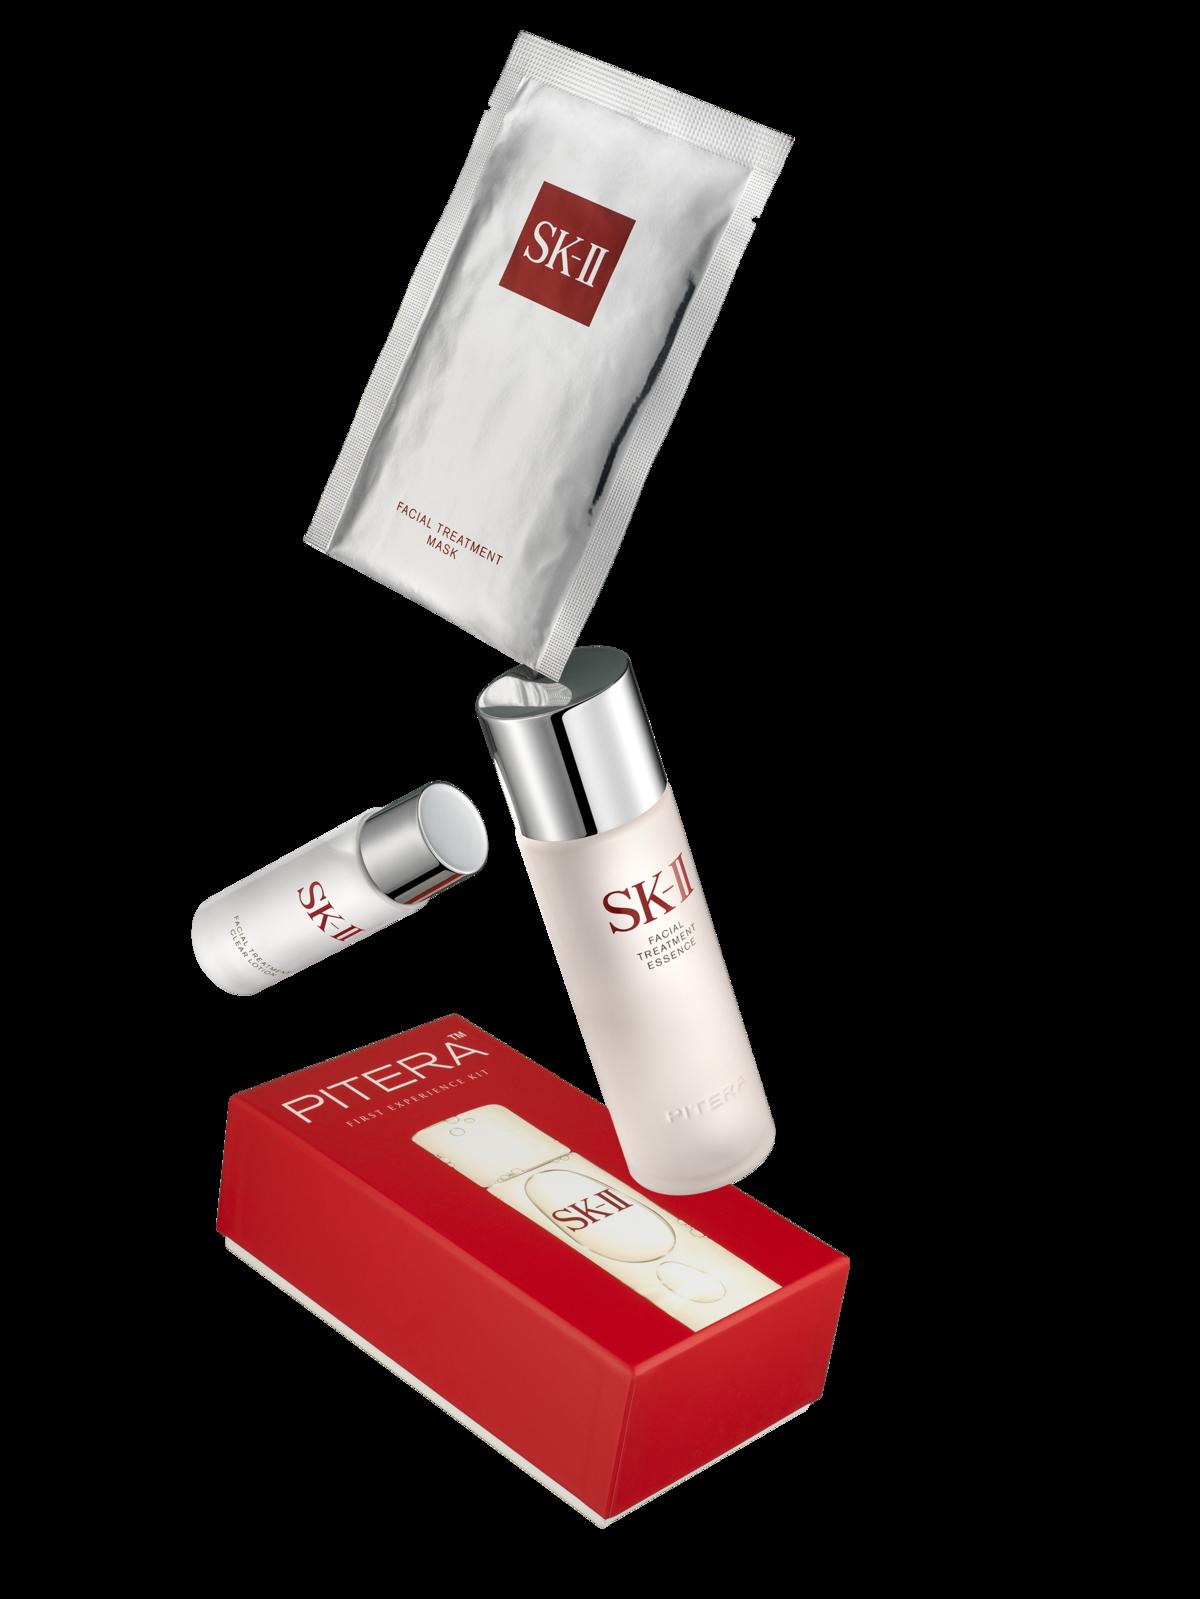 SK-II青春露2020新年限量版限定登场 新年就用晶莹剔透肌肤好运一整年